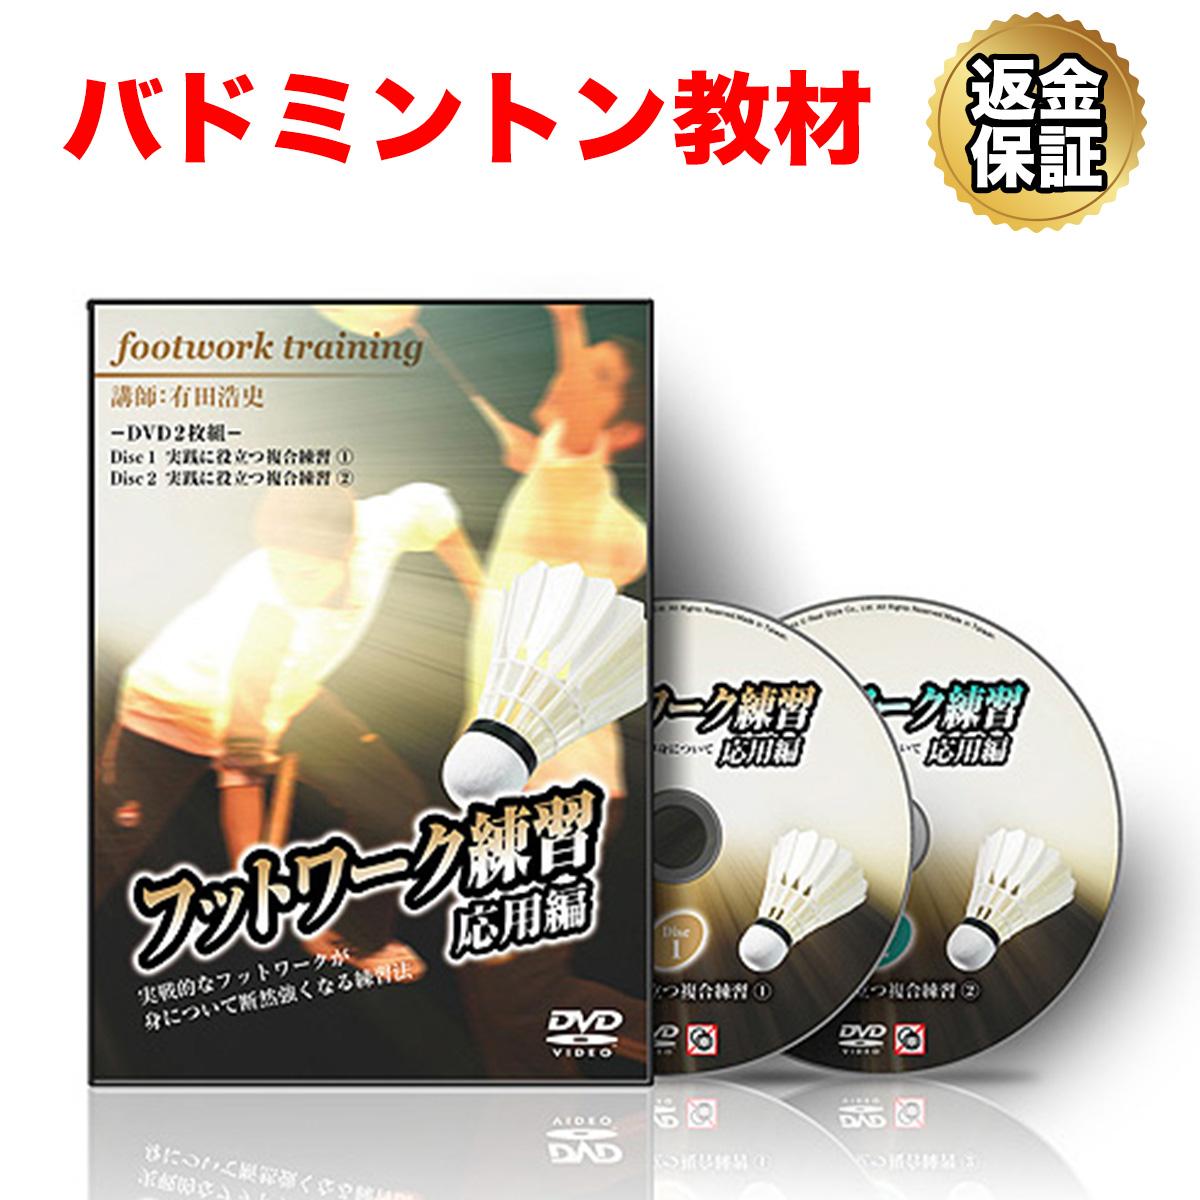 保証 バドミントン 教材 直営店 DVD フットワーク練習プログラム 応用編 ~実戦的なフットワークが身について断然強くなる練習法~